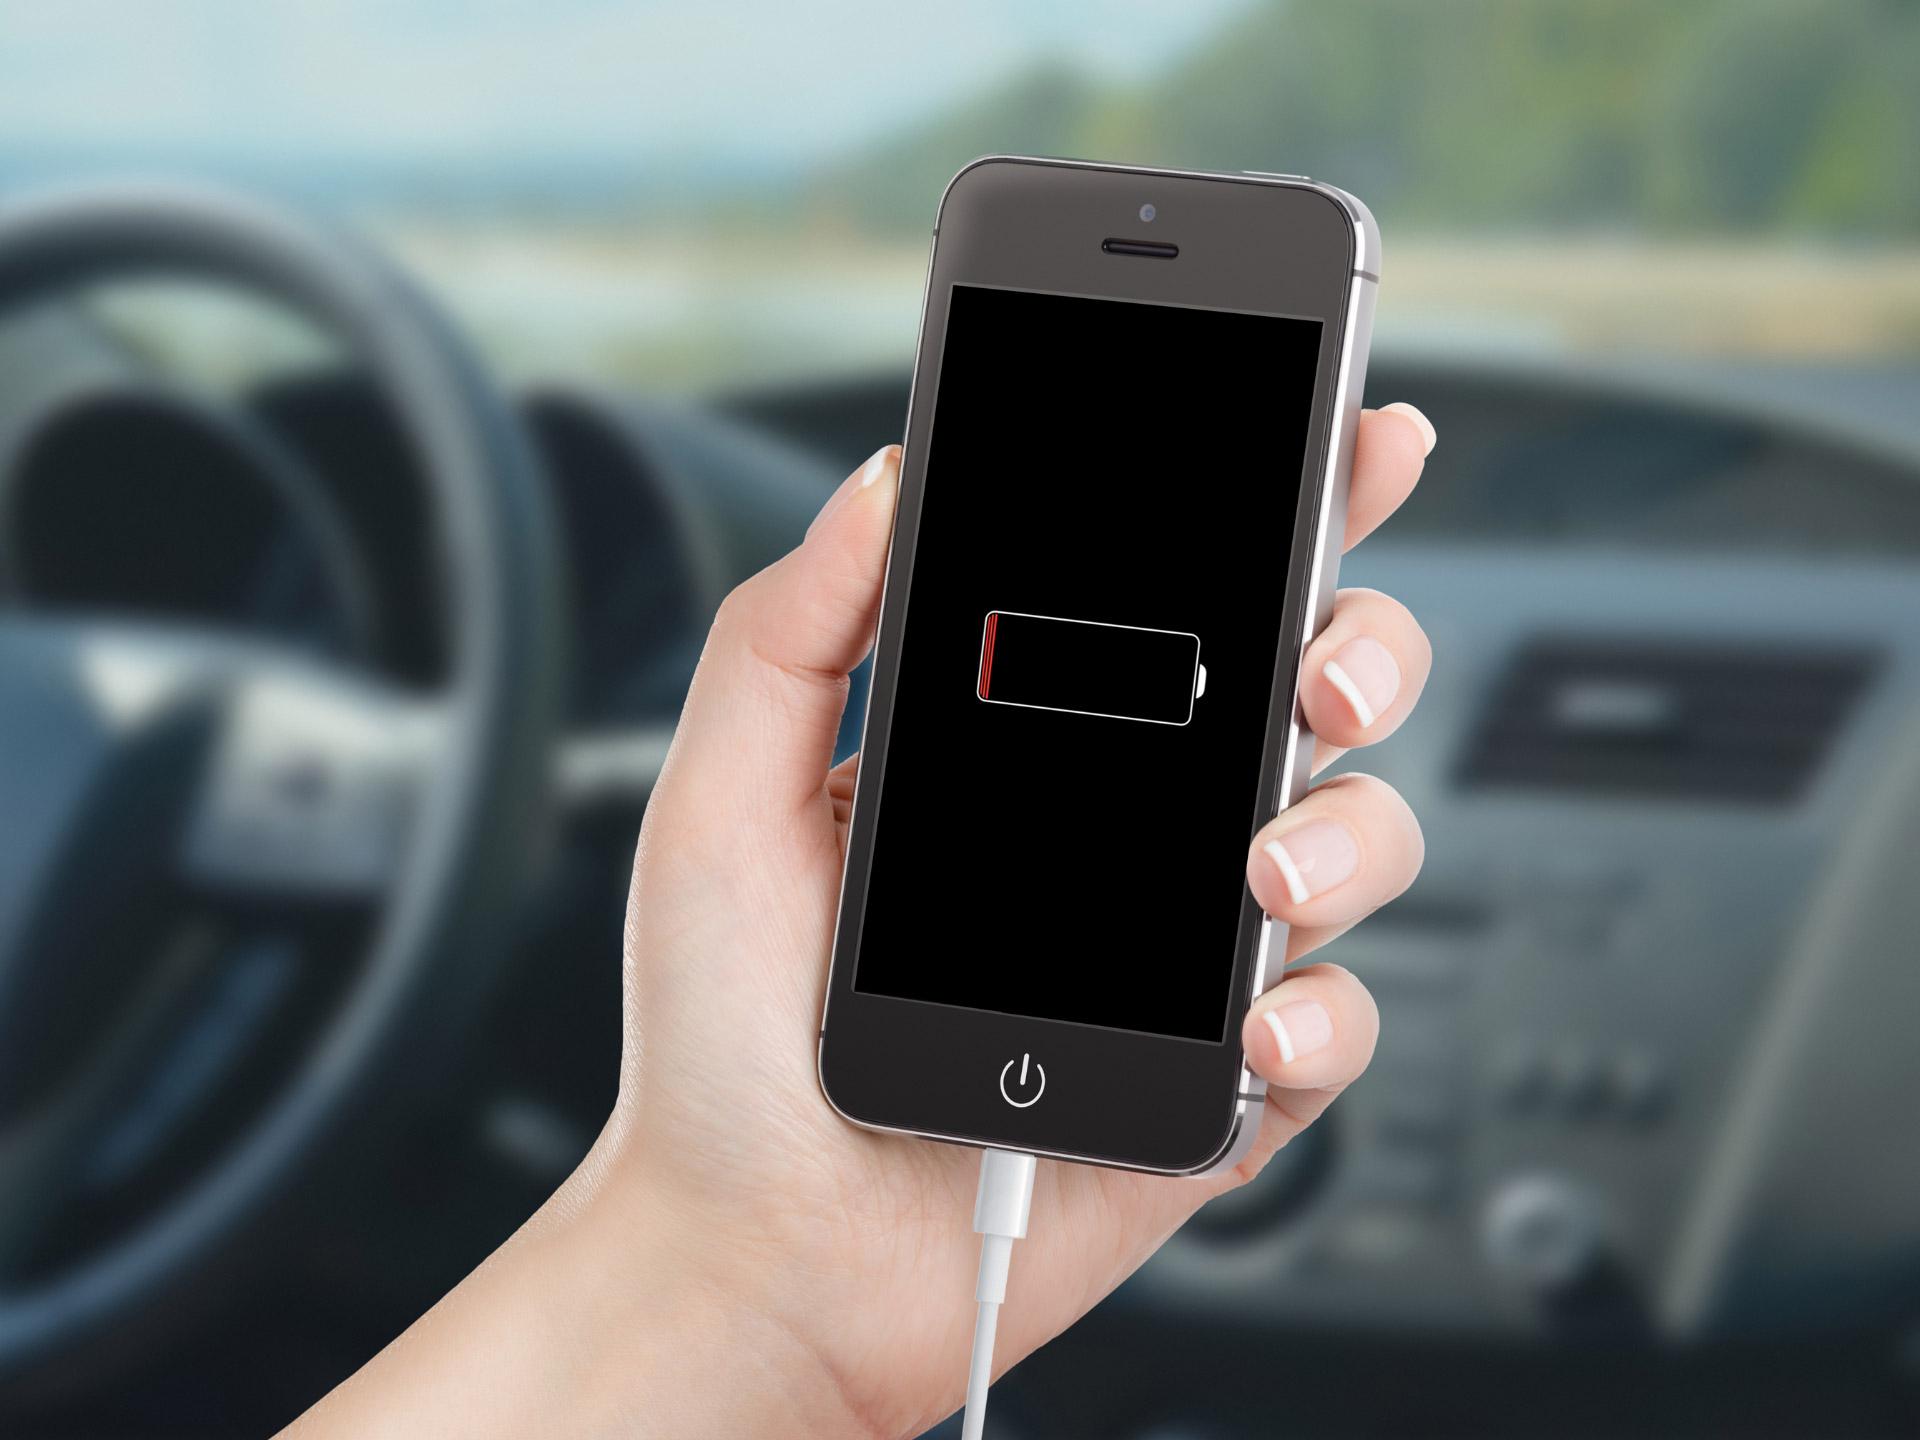 Два провода и немного хитрости: как зарядить телефон в машине без зарядного устройства?